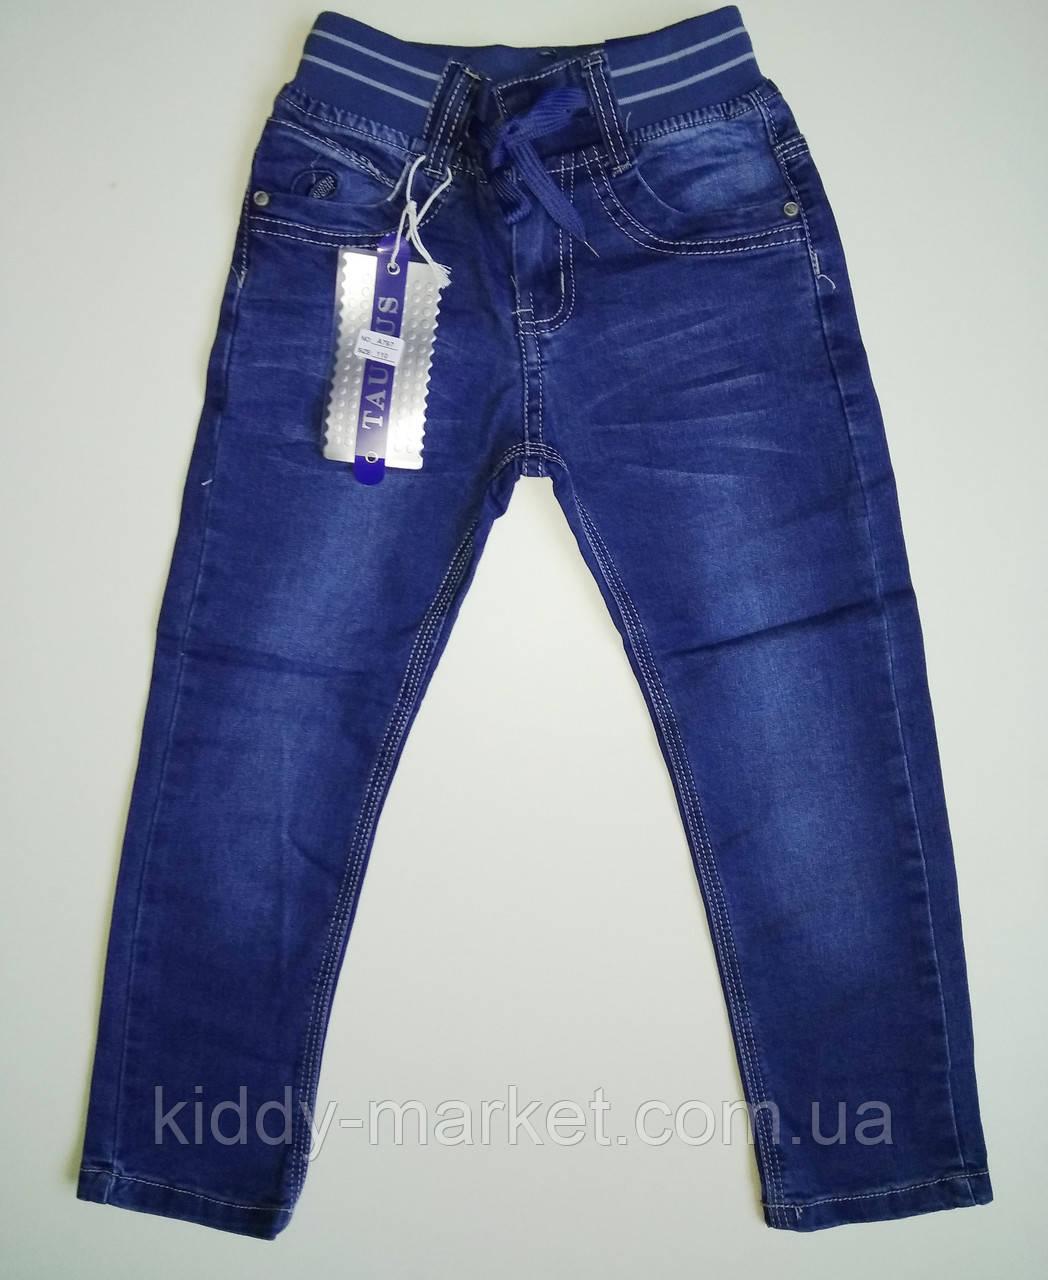 Джинсы  для мальчика,фирма Taurus.Венгрия, джинсы детские 110,116,122,140